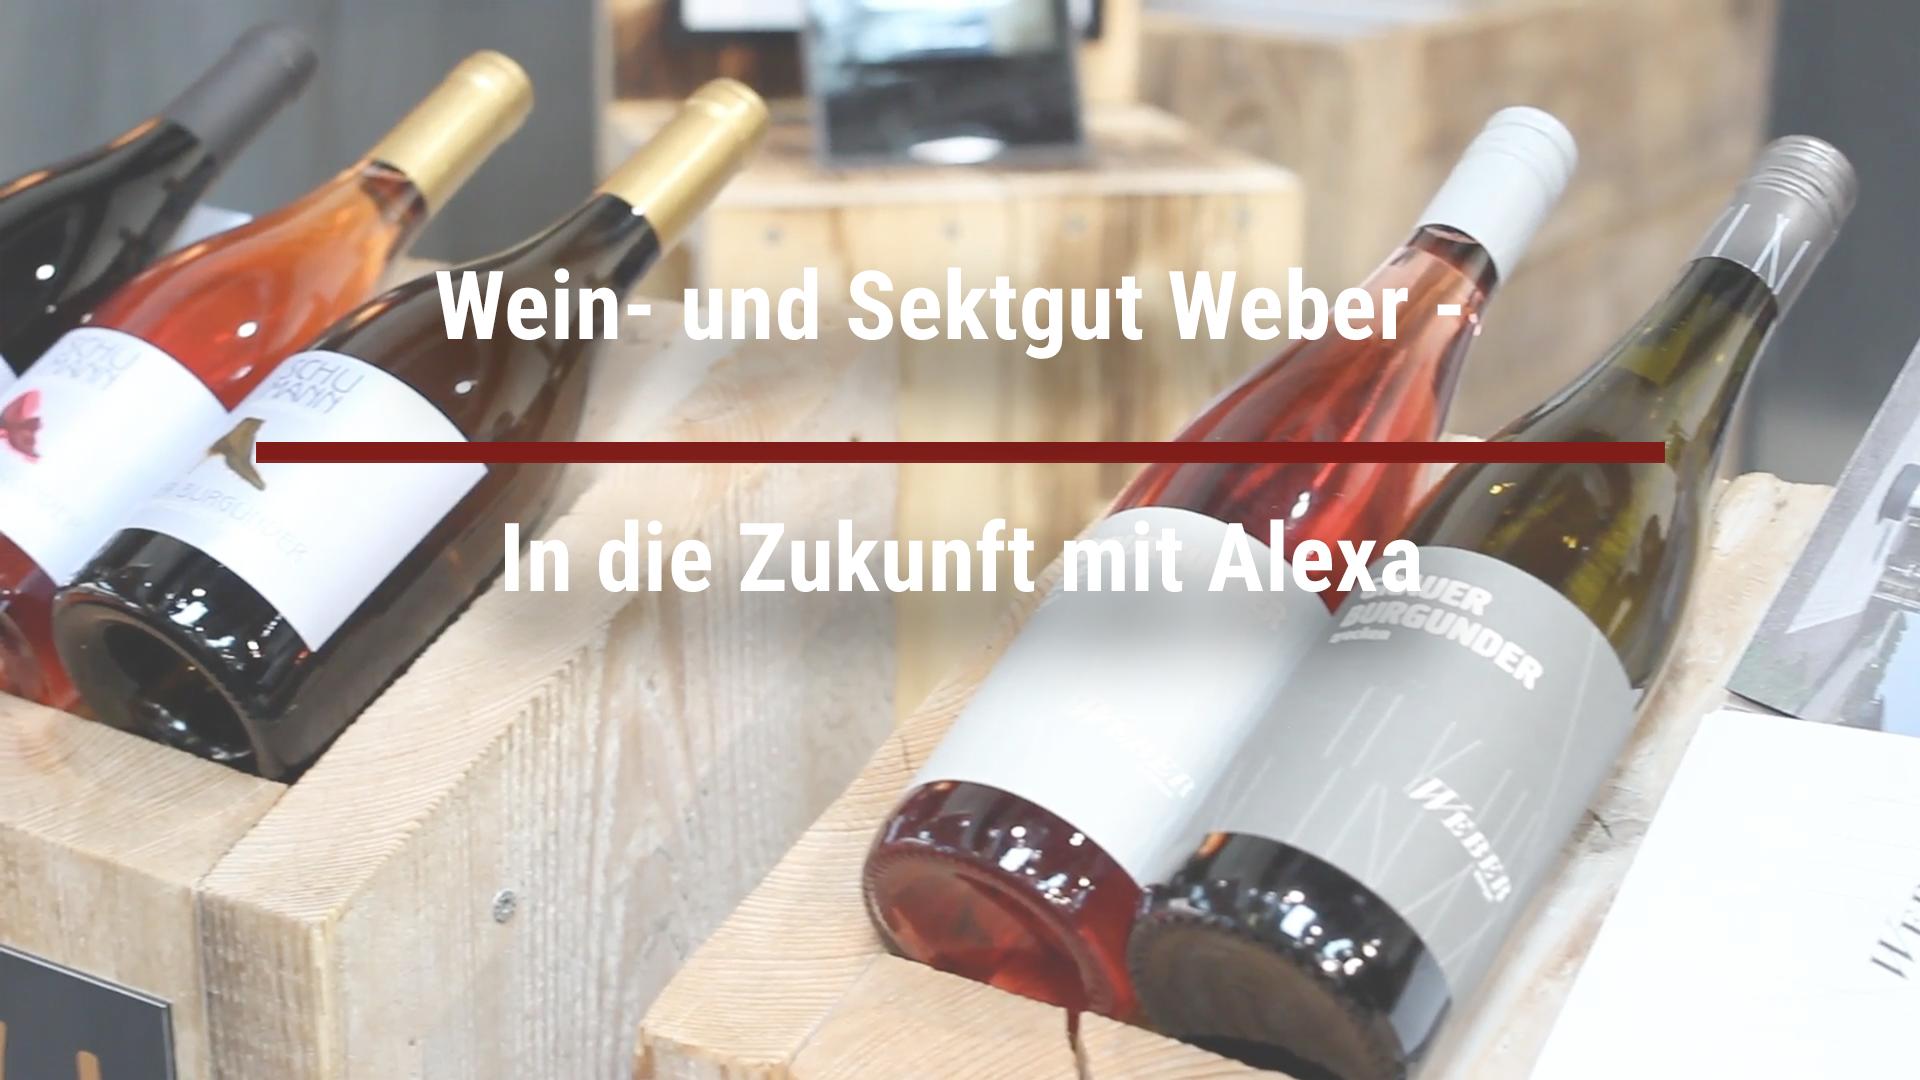 Wein- und Sektgut Weber – In die Zukunft mit Alexa